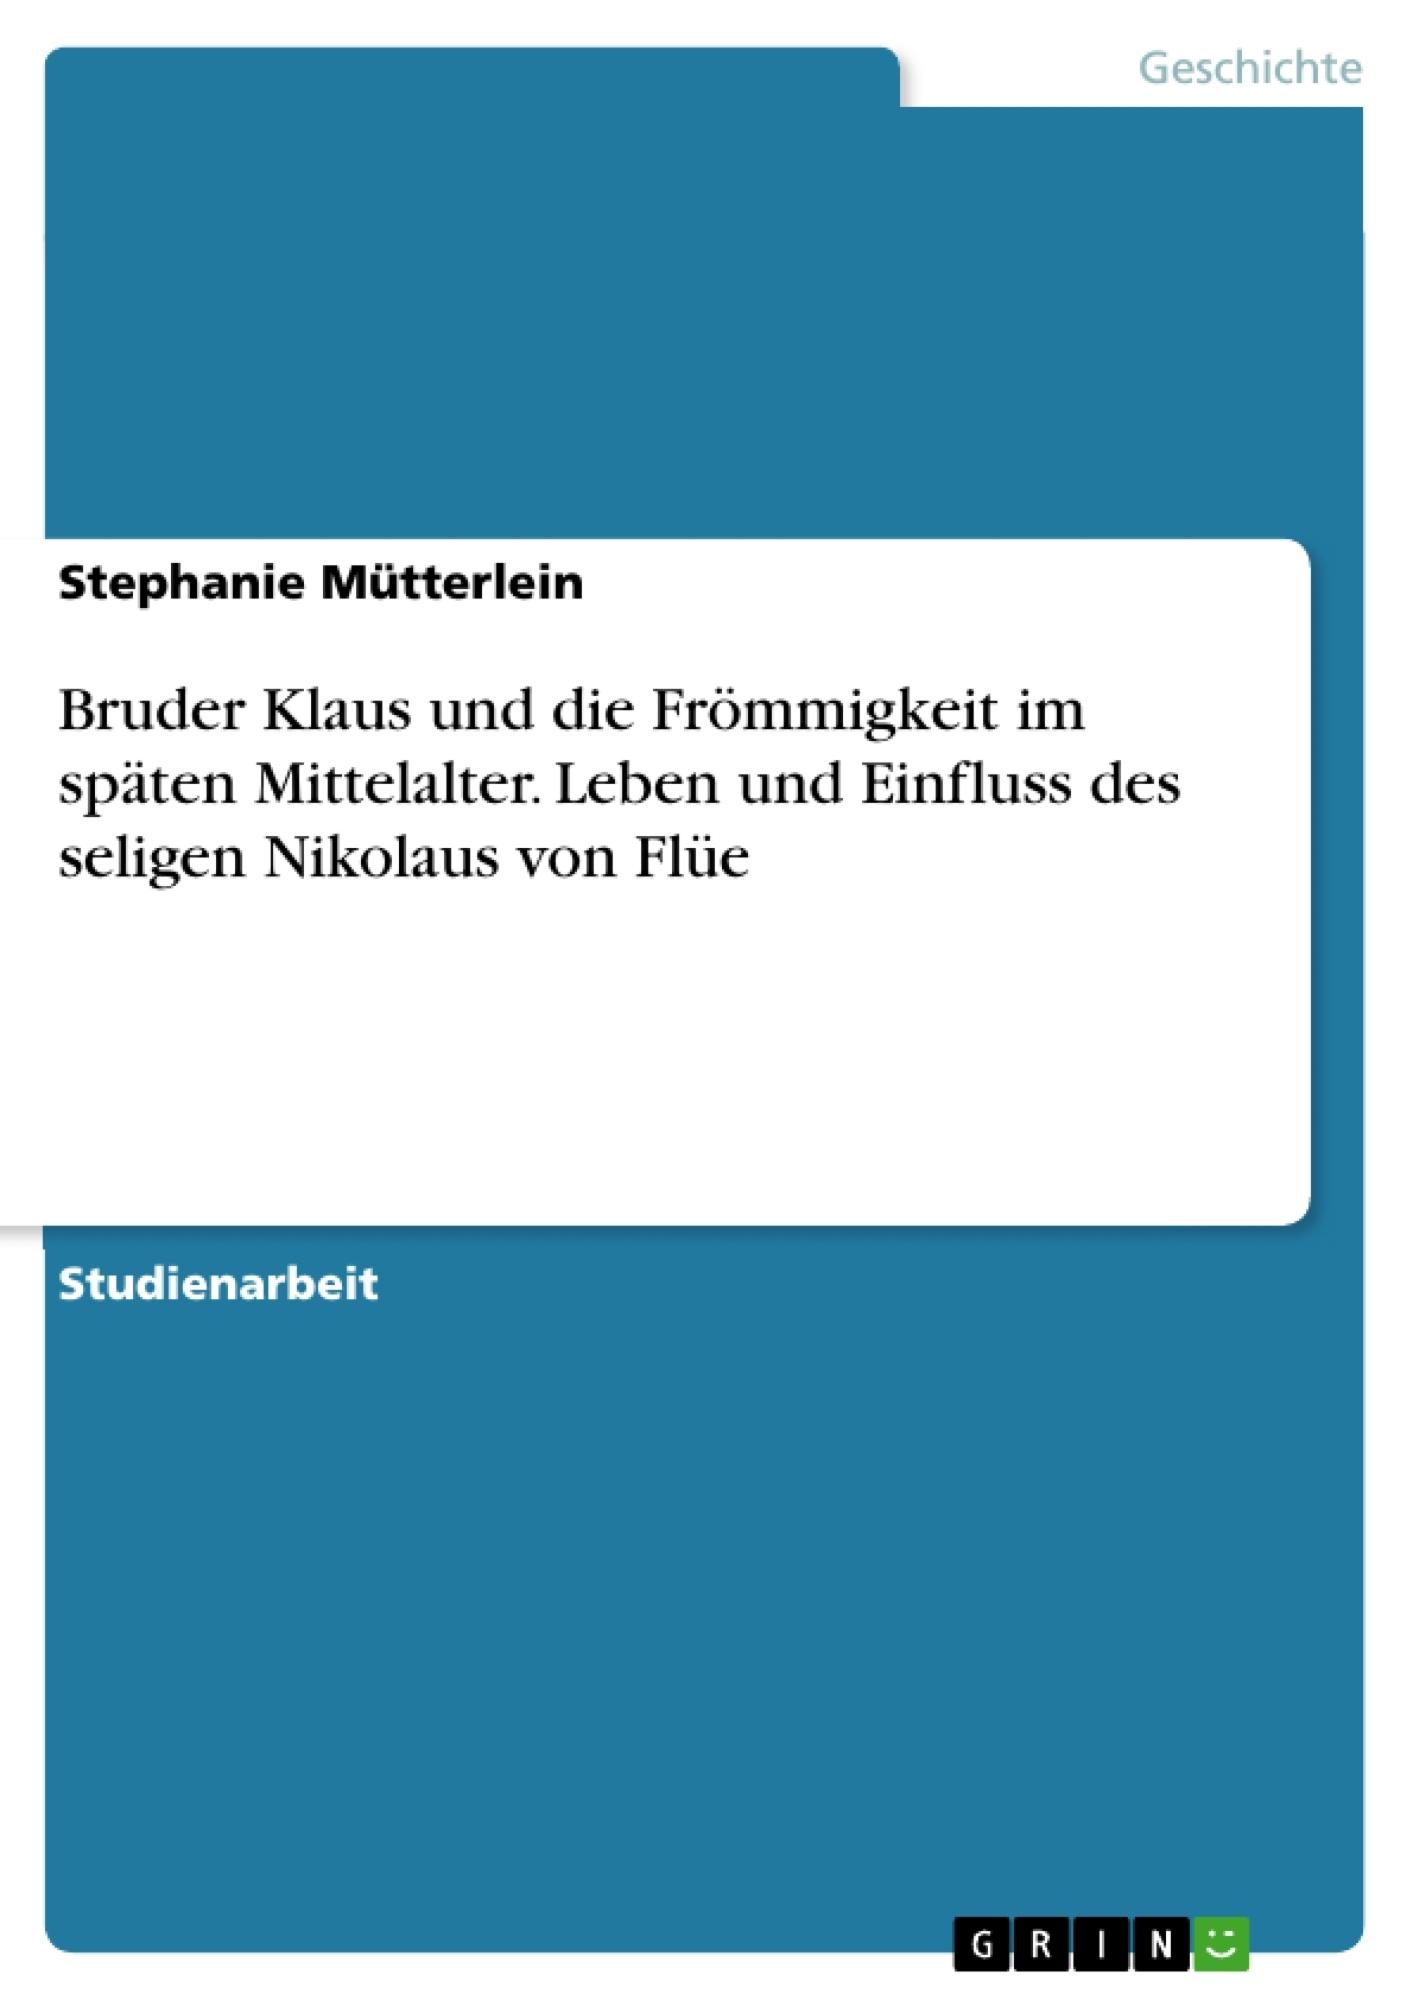 Titel: Bruder Klaus und die Frömmigkeit im späten Mittelalter. Leben und Einfluss des seligen Nikolaus von Flüe